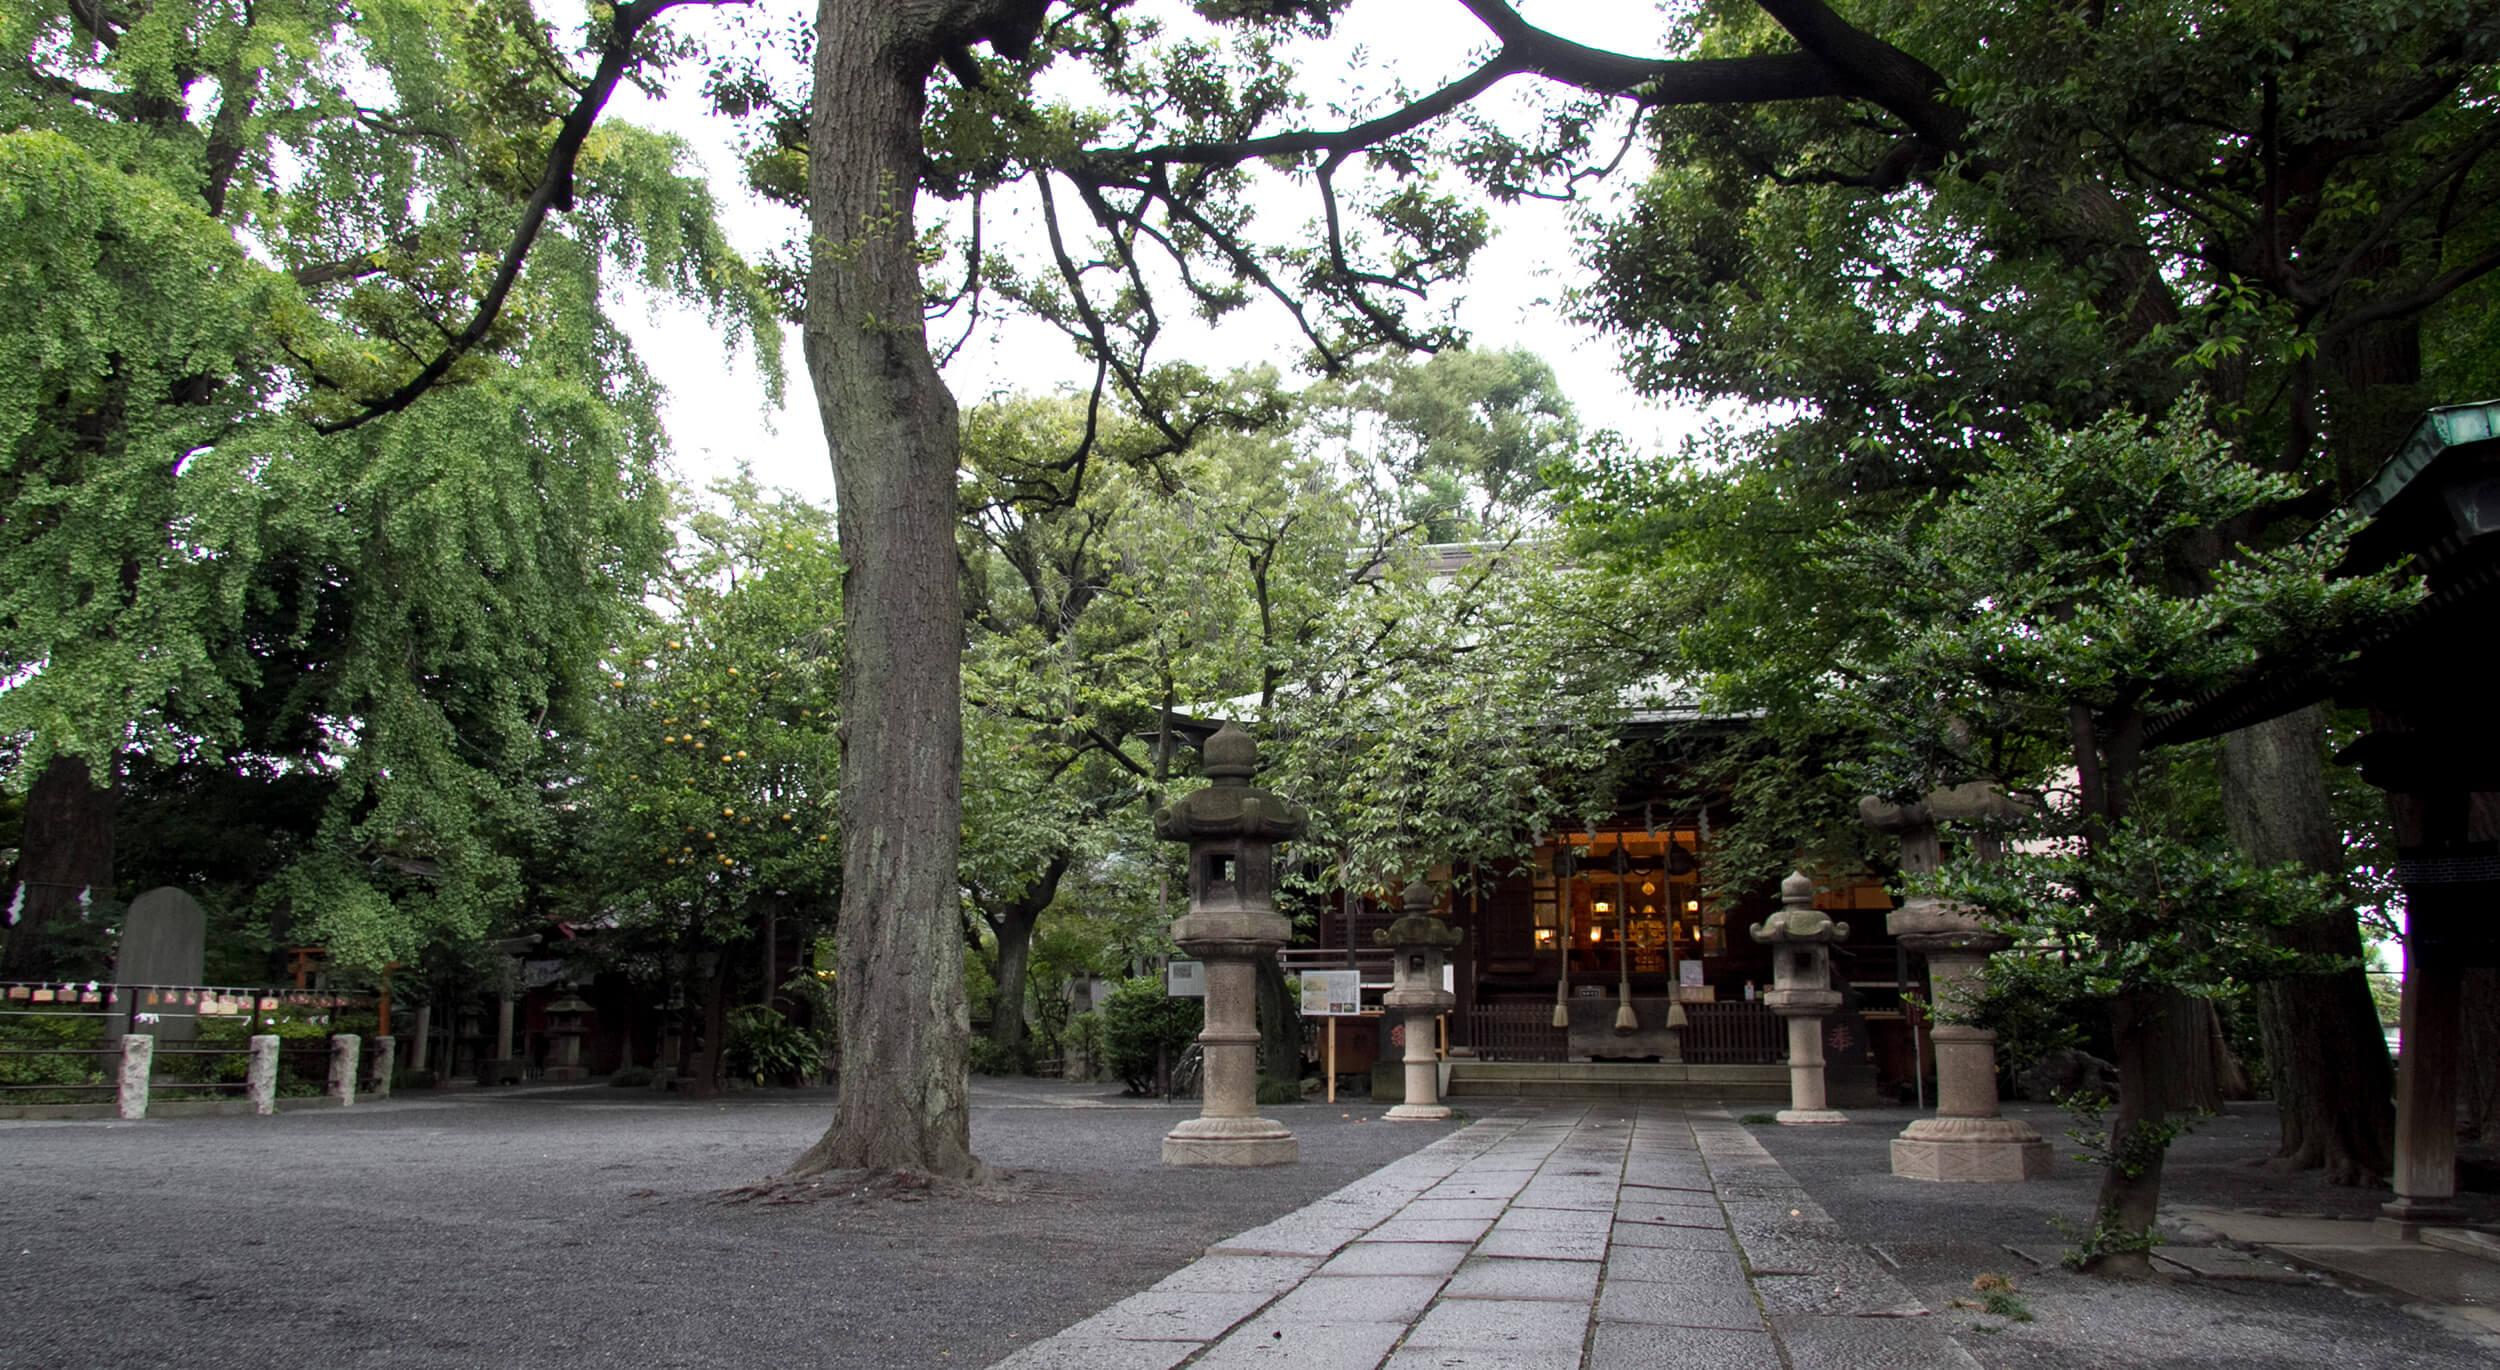 東京都北区で安産・厄除・お宮参りの祈願・お参りをするなら七社神社へ